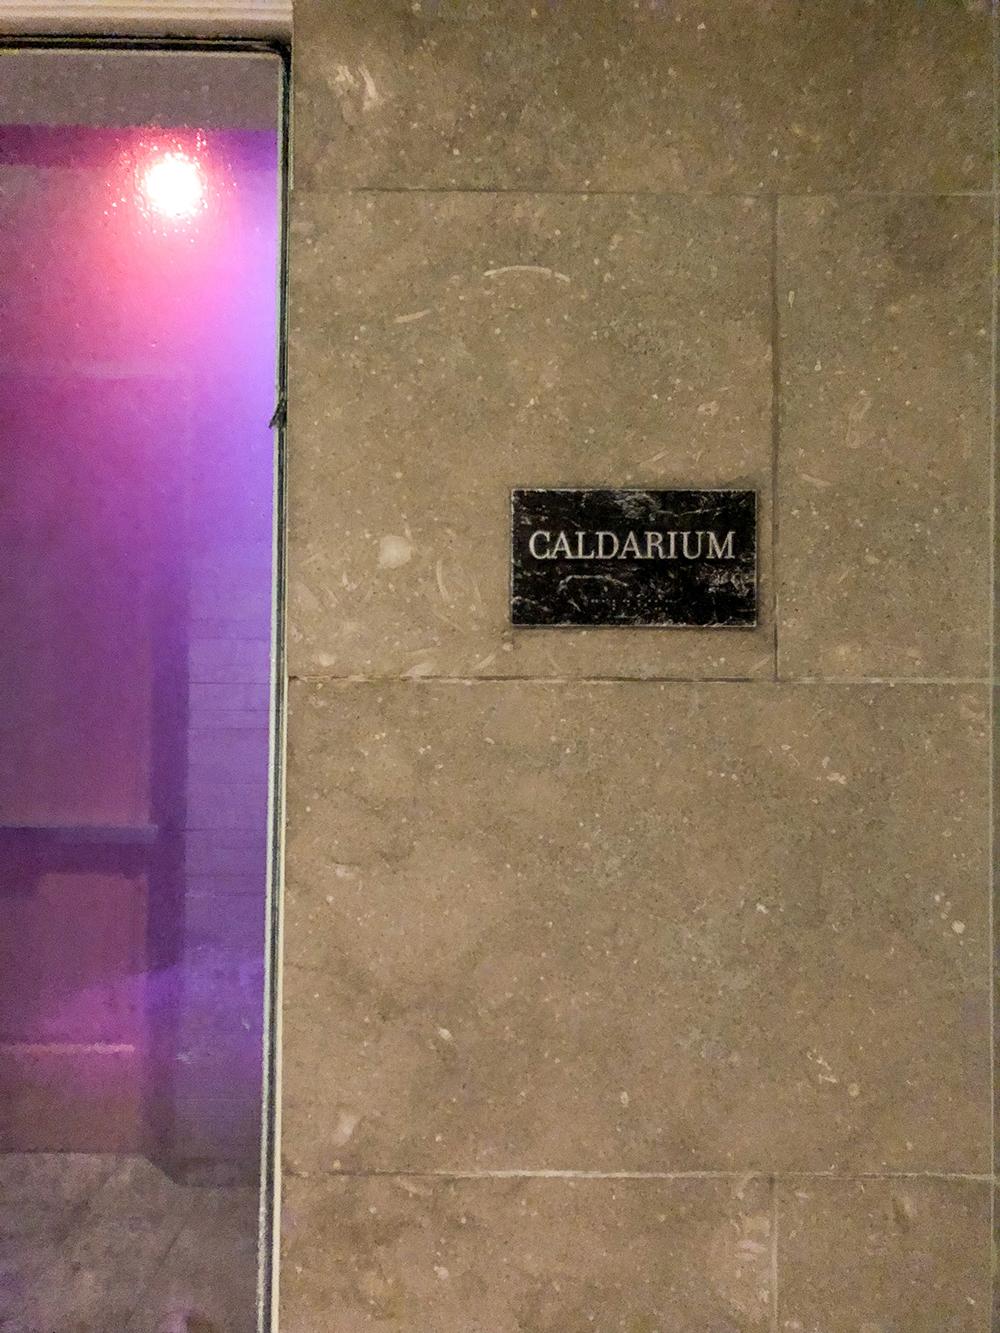 Caldarium purple light.jpg